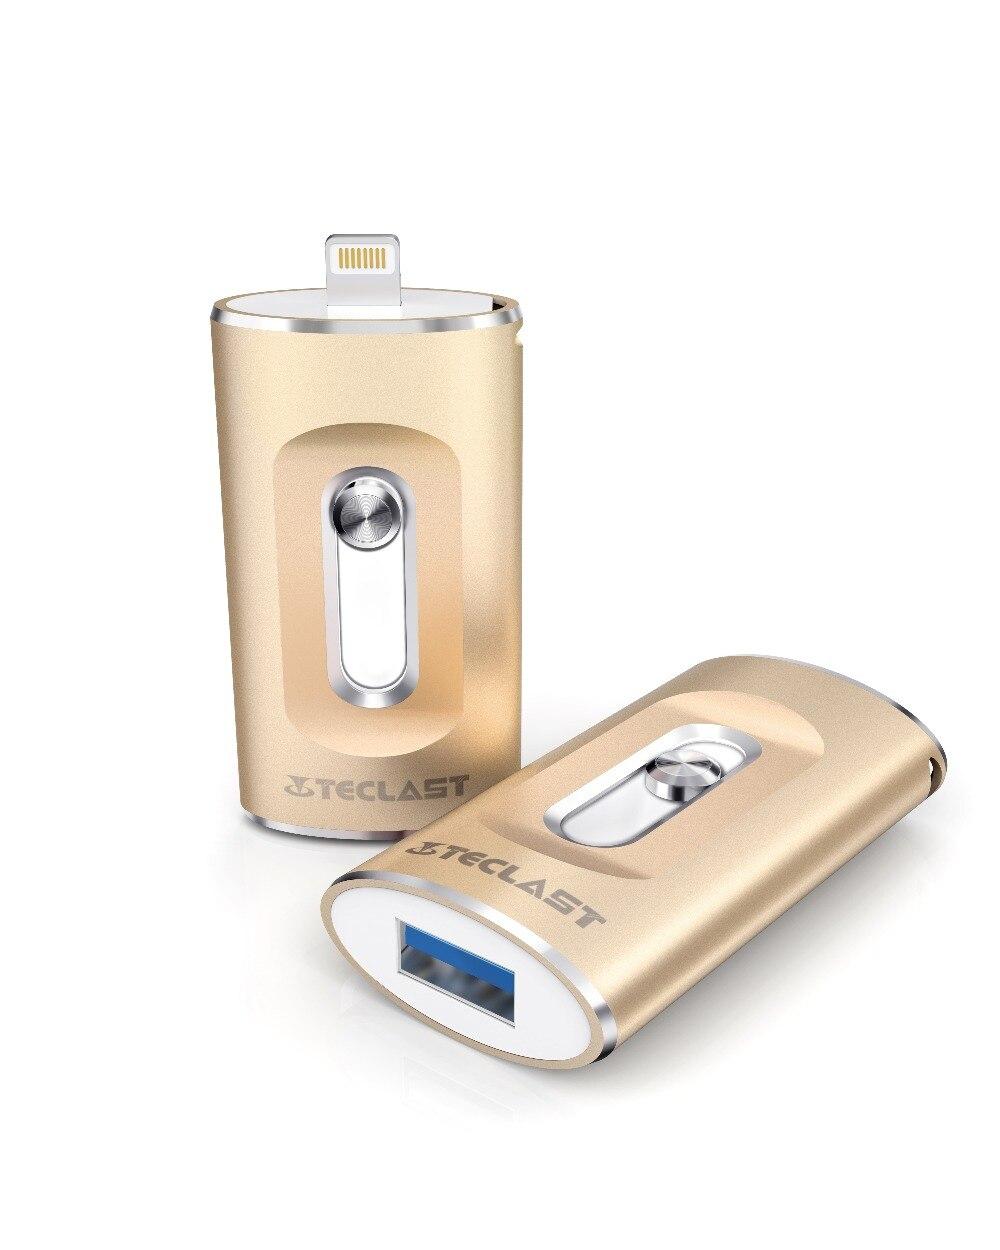 Teclast Magic Series USB 3 0 Flash Drive 32GB 64GB For iPhone iPad iPod touch Mac